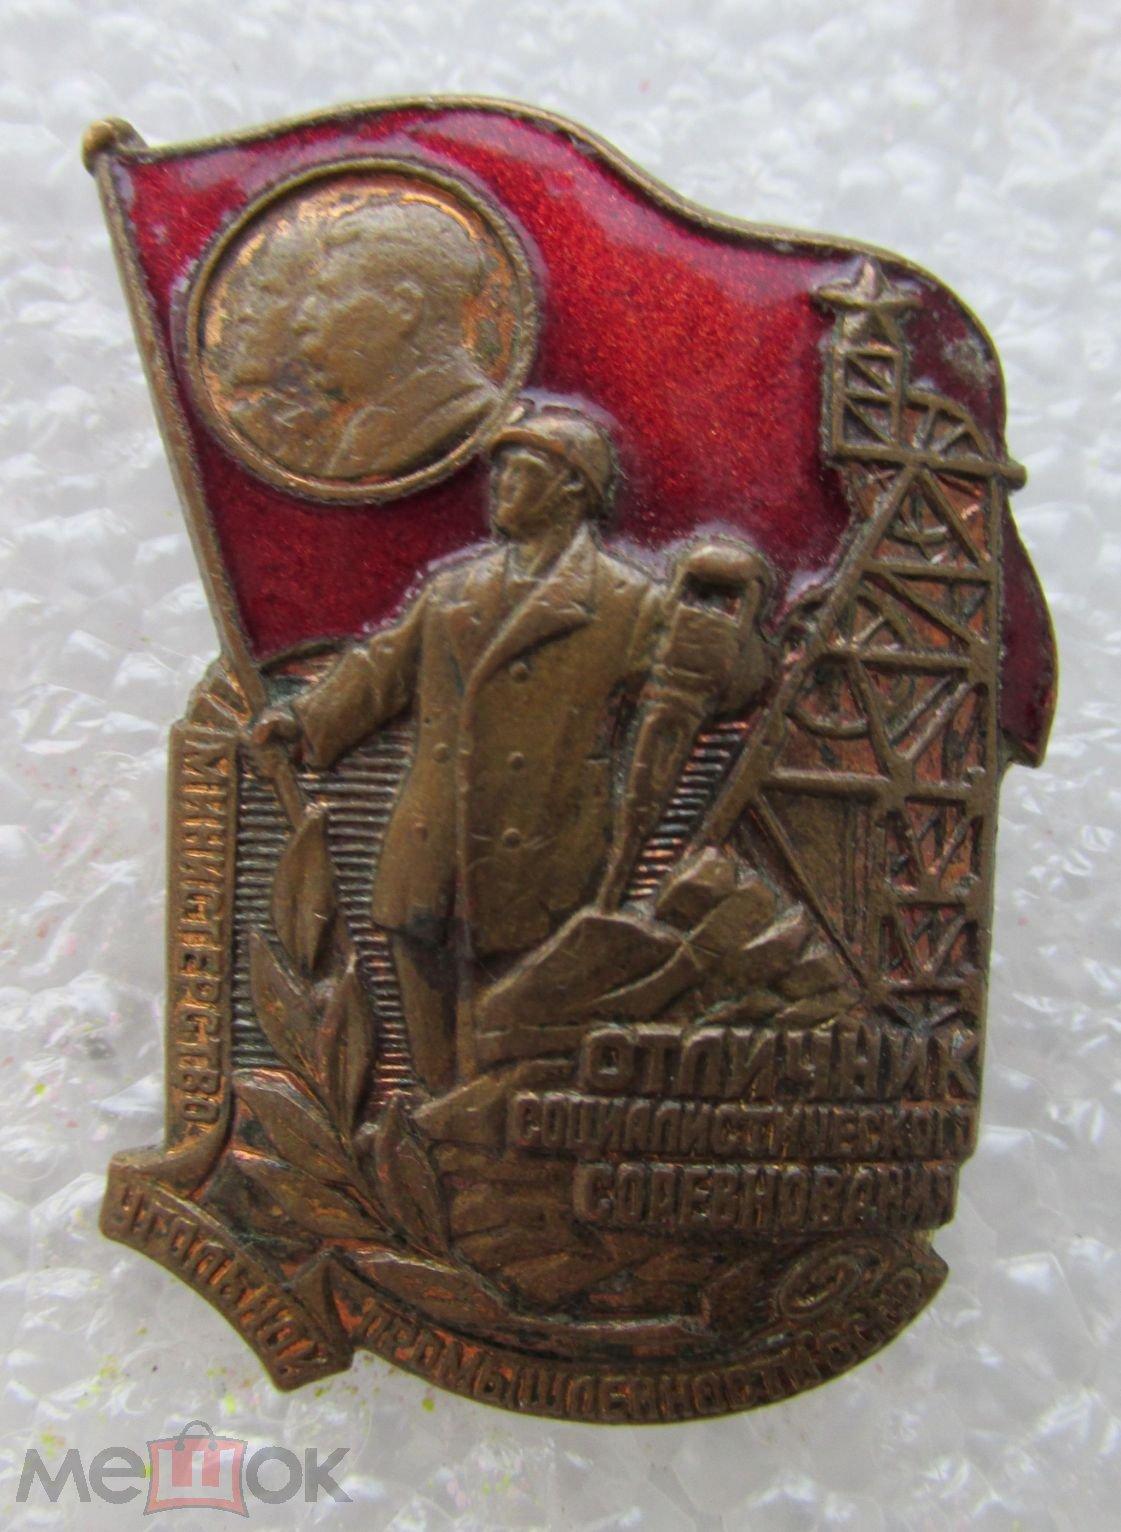 знак отличник Соц Соревнования  Министерства угольной промышленности СССР Ленин- Сталин